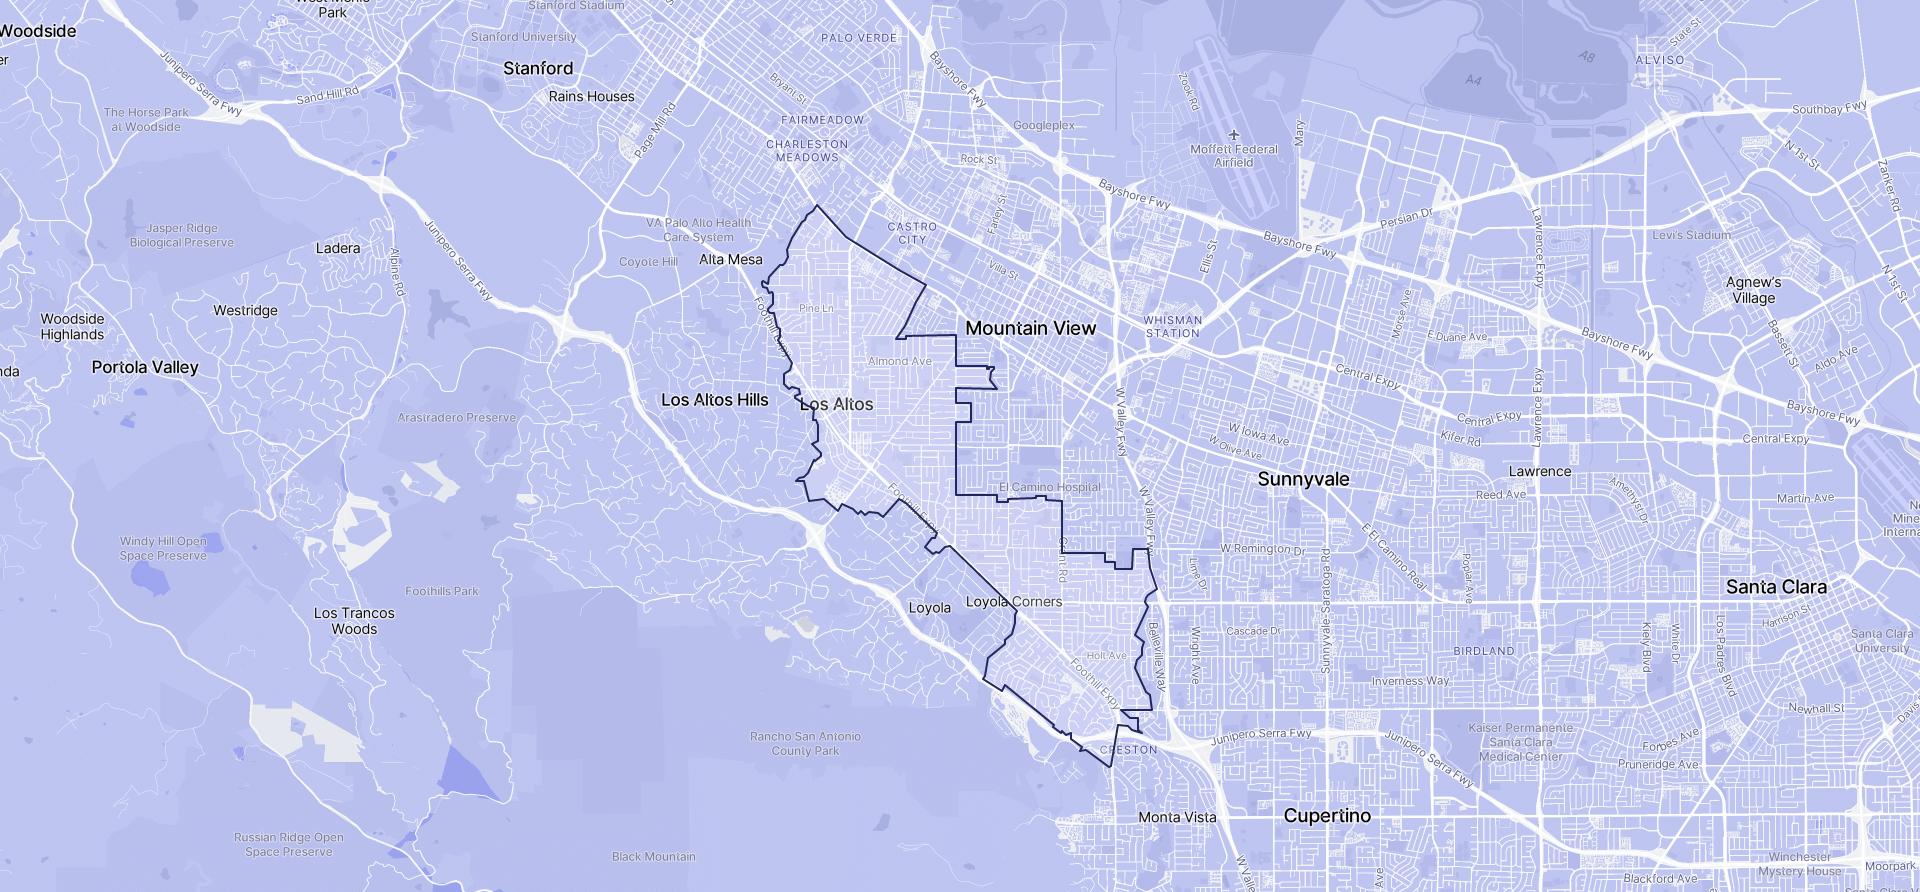 Image of Los Altos boundaries on a map.